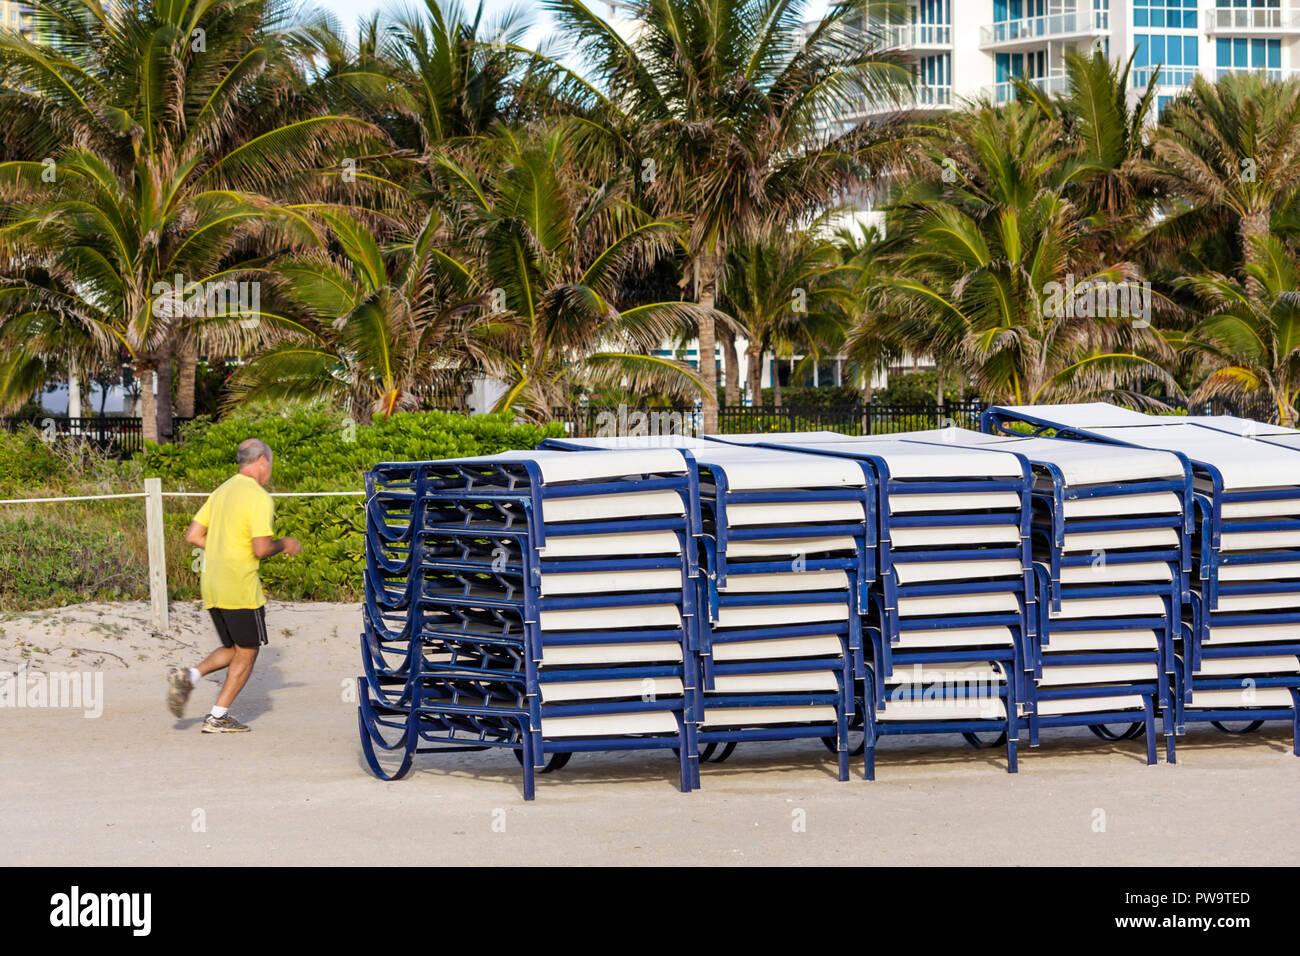 Miami Beach Florida plage publique de sable de South Beach lounge location de chaises empilées man jogging jogger palmiers remise en forme d'exercice il Photo Stock